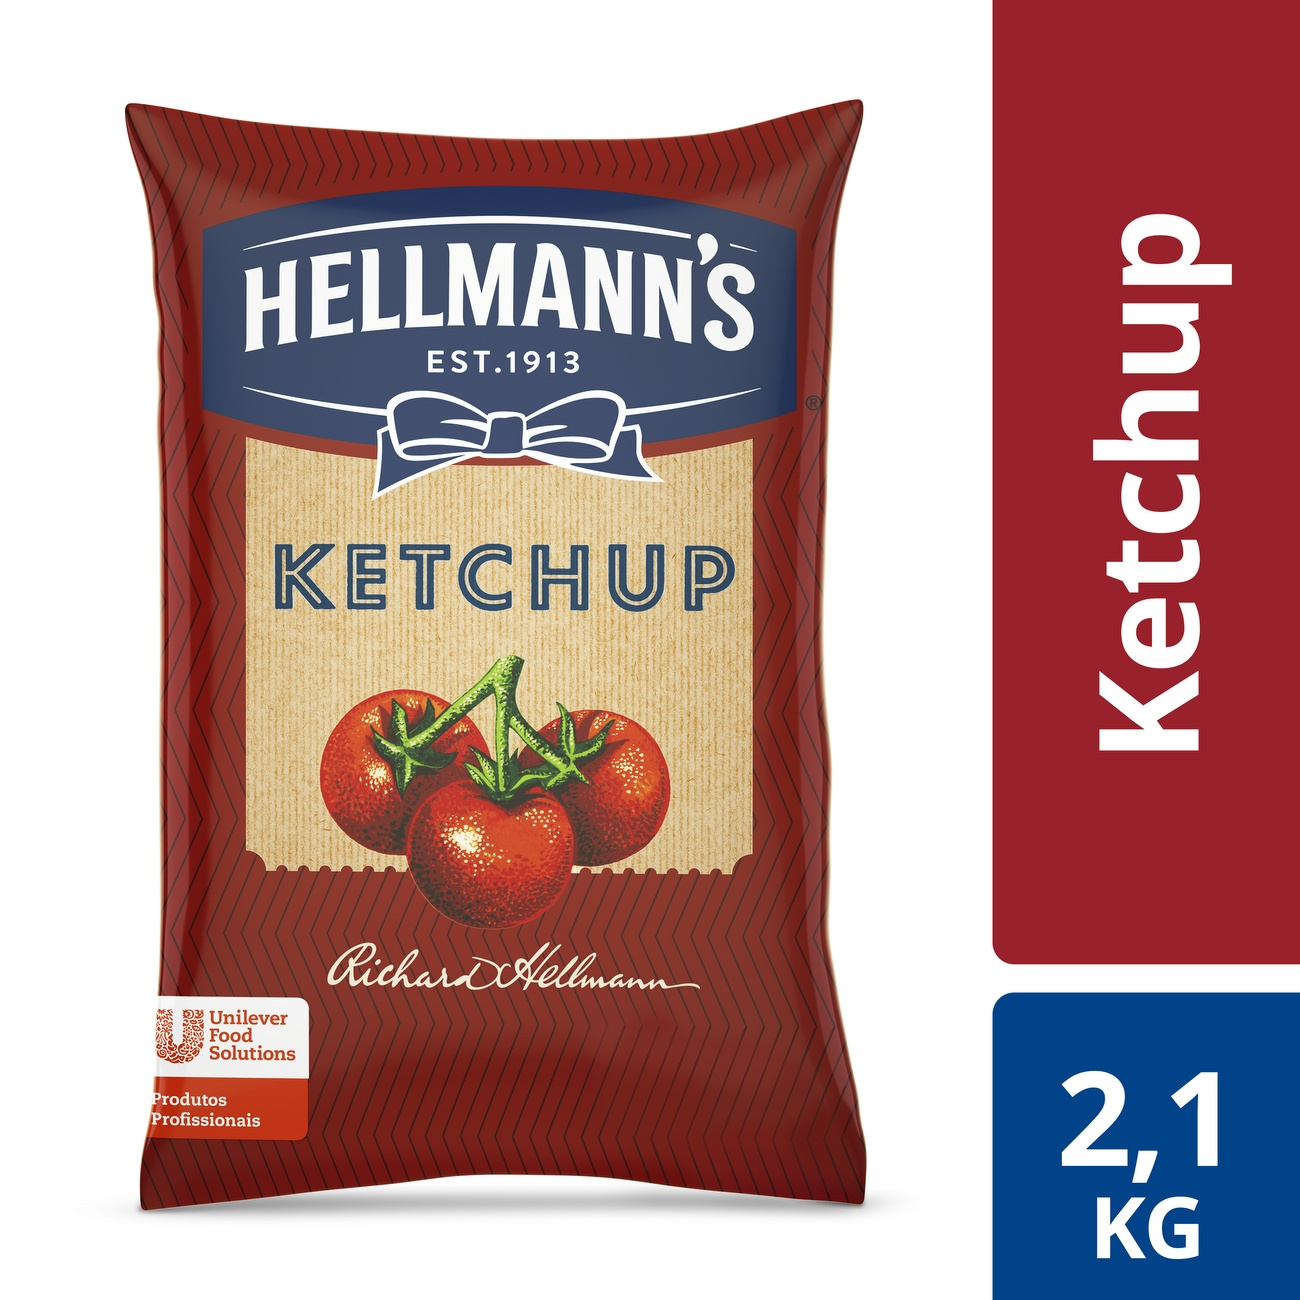 Ketchup Hellmann's Saco 2,1kg